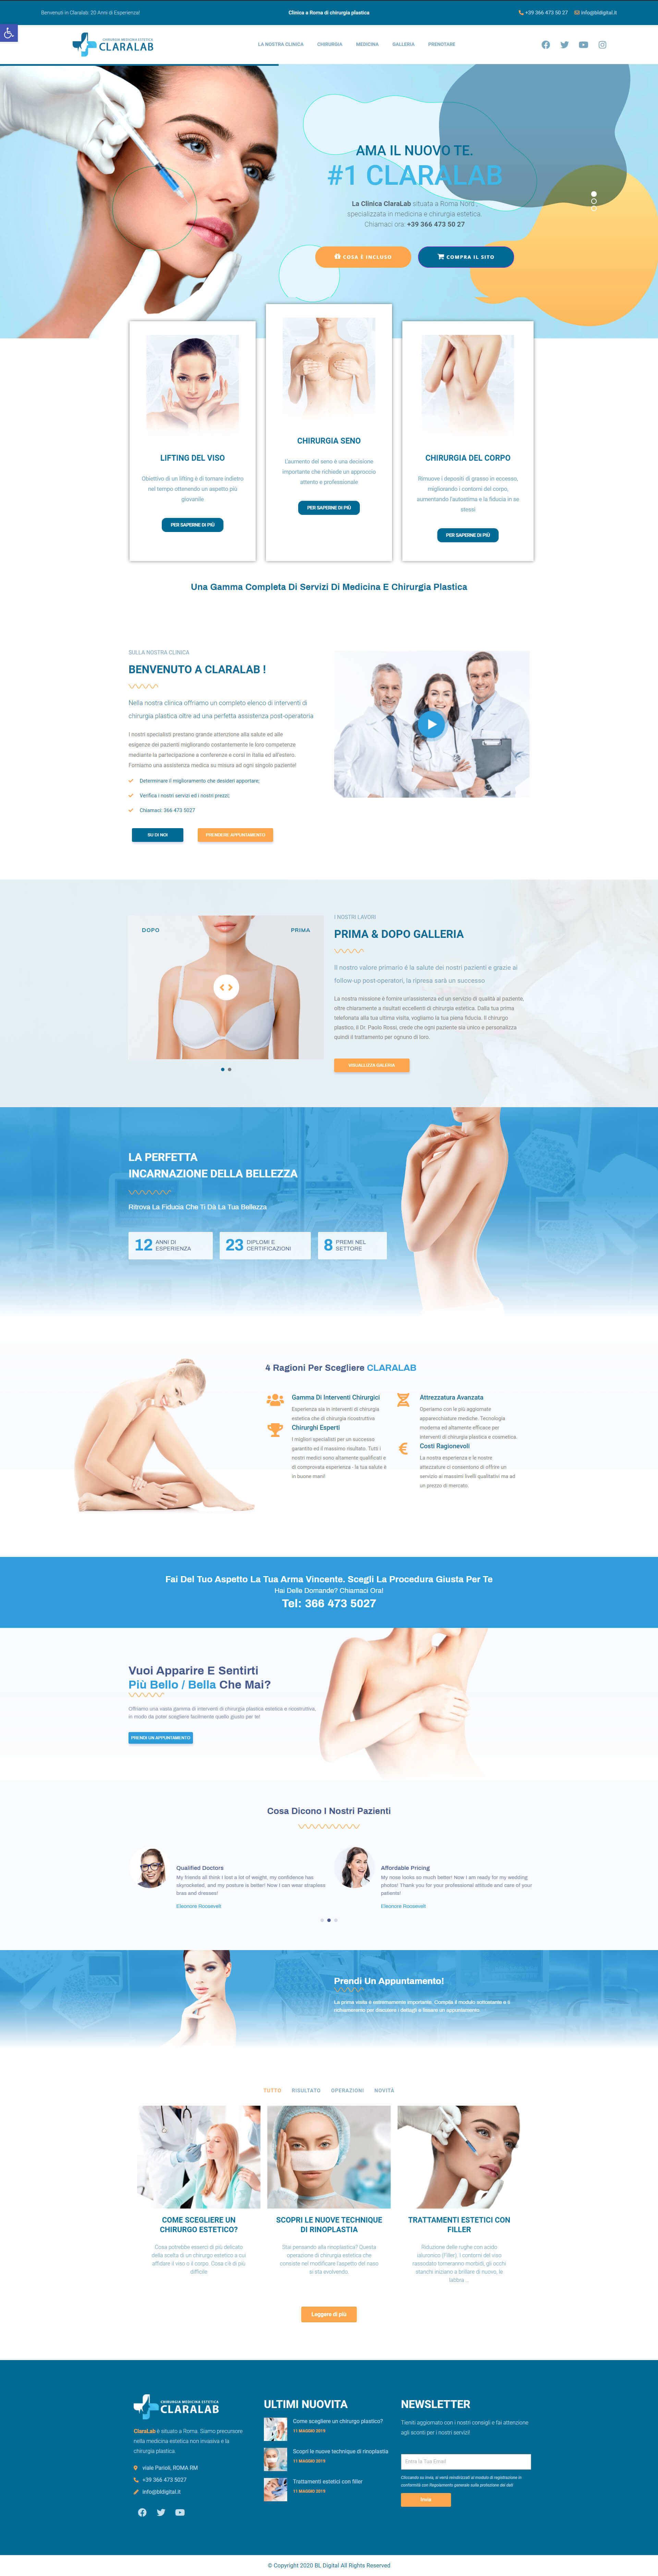 Chirurgico Estetico 2 - BL DIGITAL